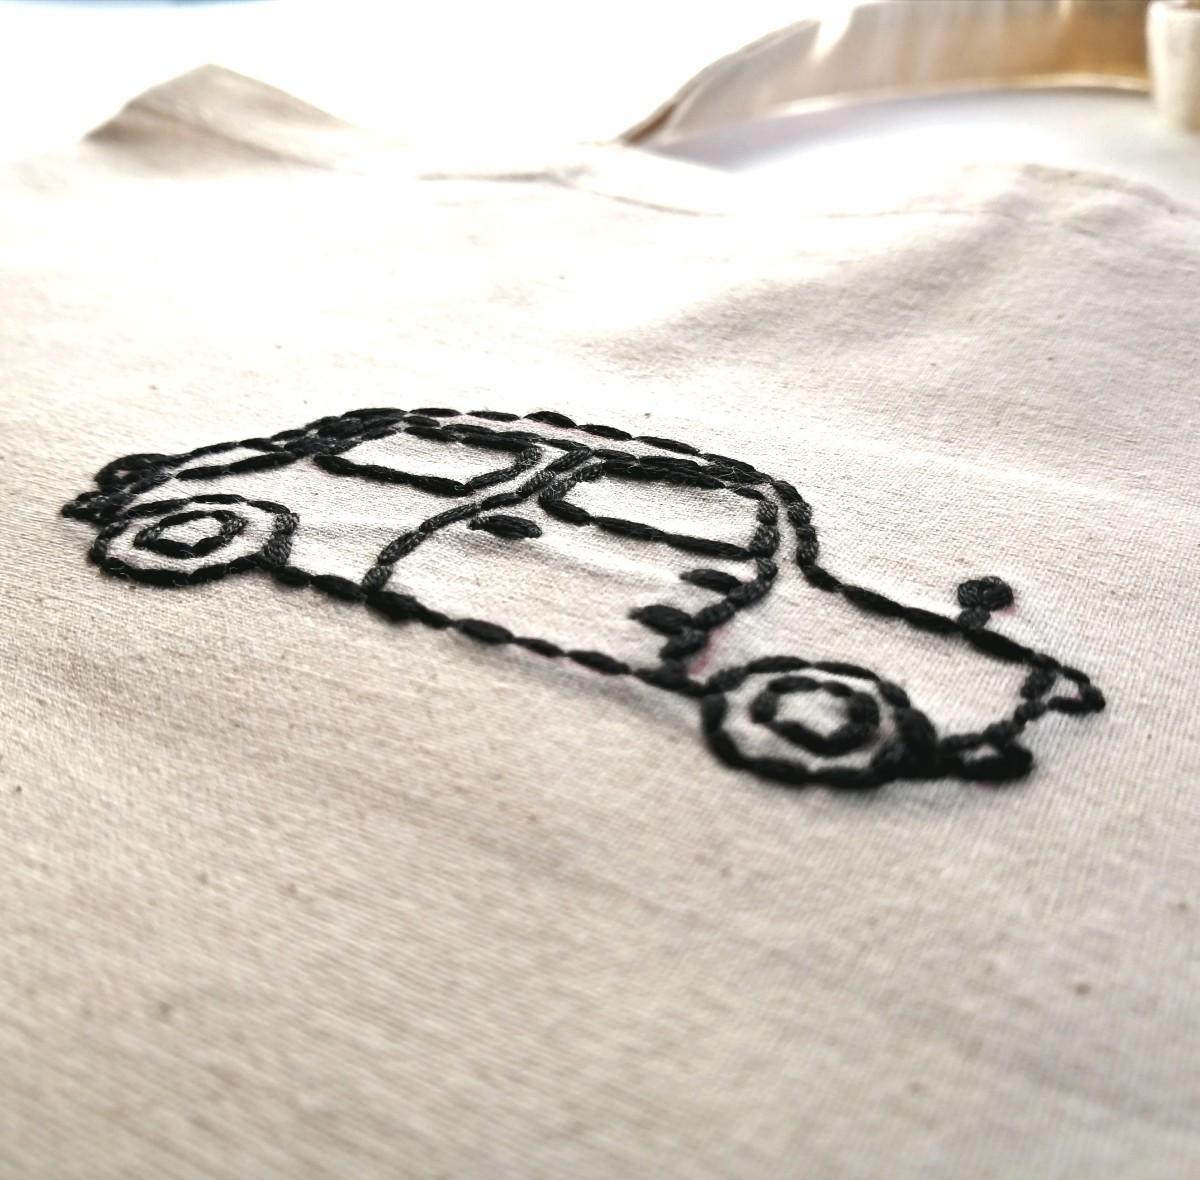 ハンドメイド 黒い自動車 手縫いの刺繍 トートバッグ エコバッグ ショルダーバッグ レッスンバッグ 生成り コットン